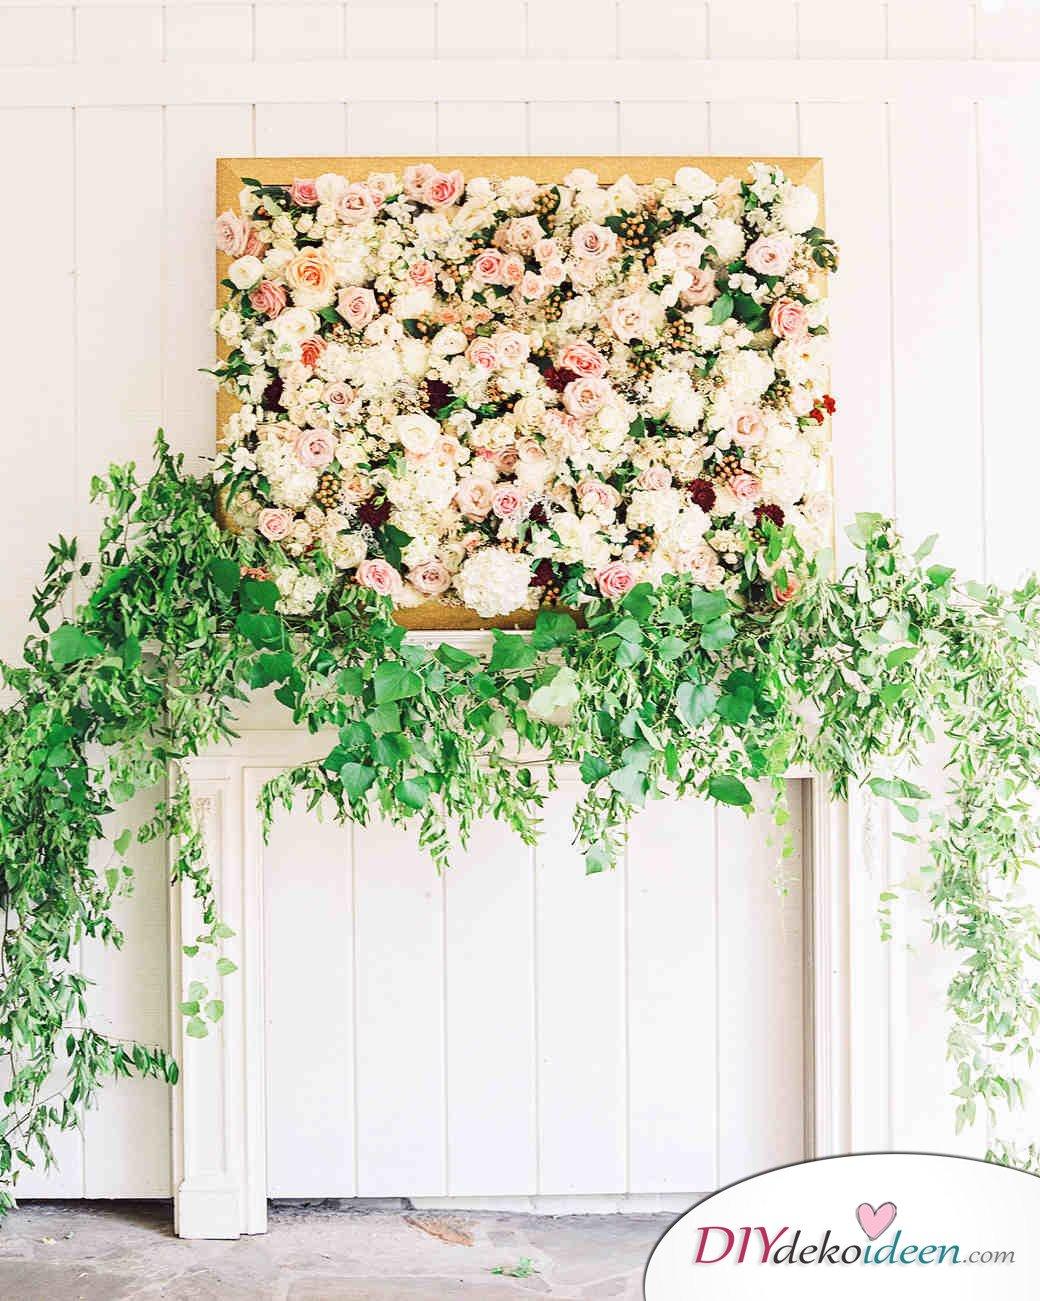 Frühlingshochzeit, Hochzeit im Frühling, DIY Dekoideen, Hochzeit, Frühling, Hochzeitsdeko, Hochzeit dekorieren, heiraten, Blumendeko, Hochzeit Dekoideen